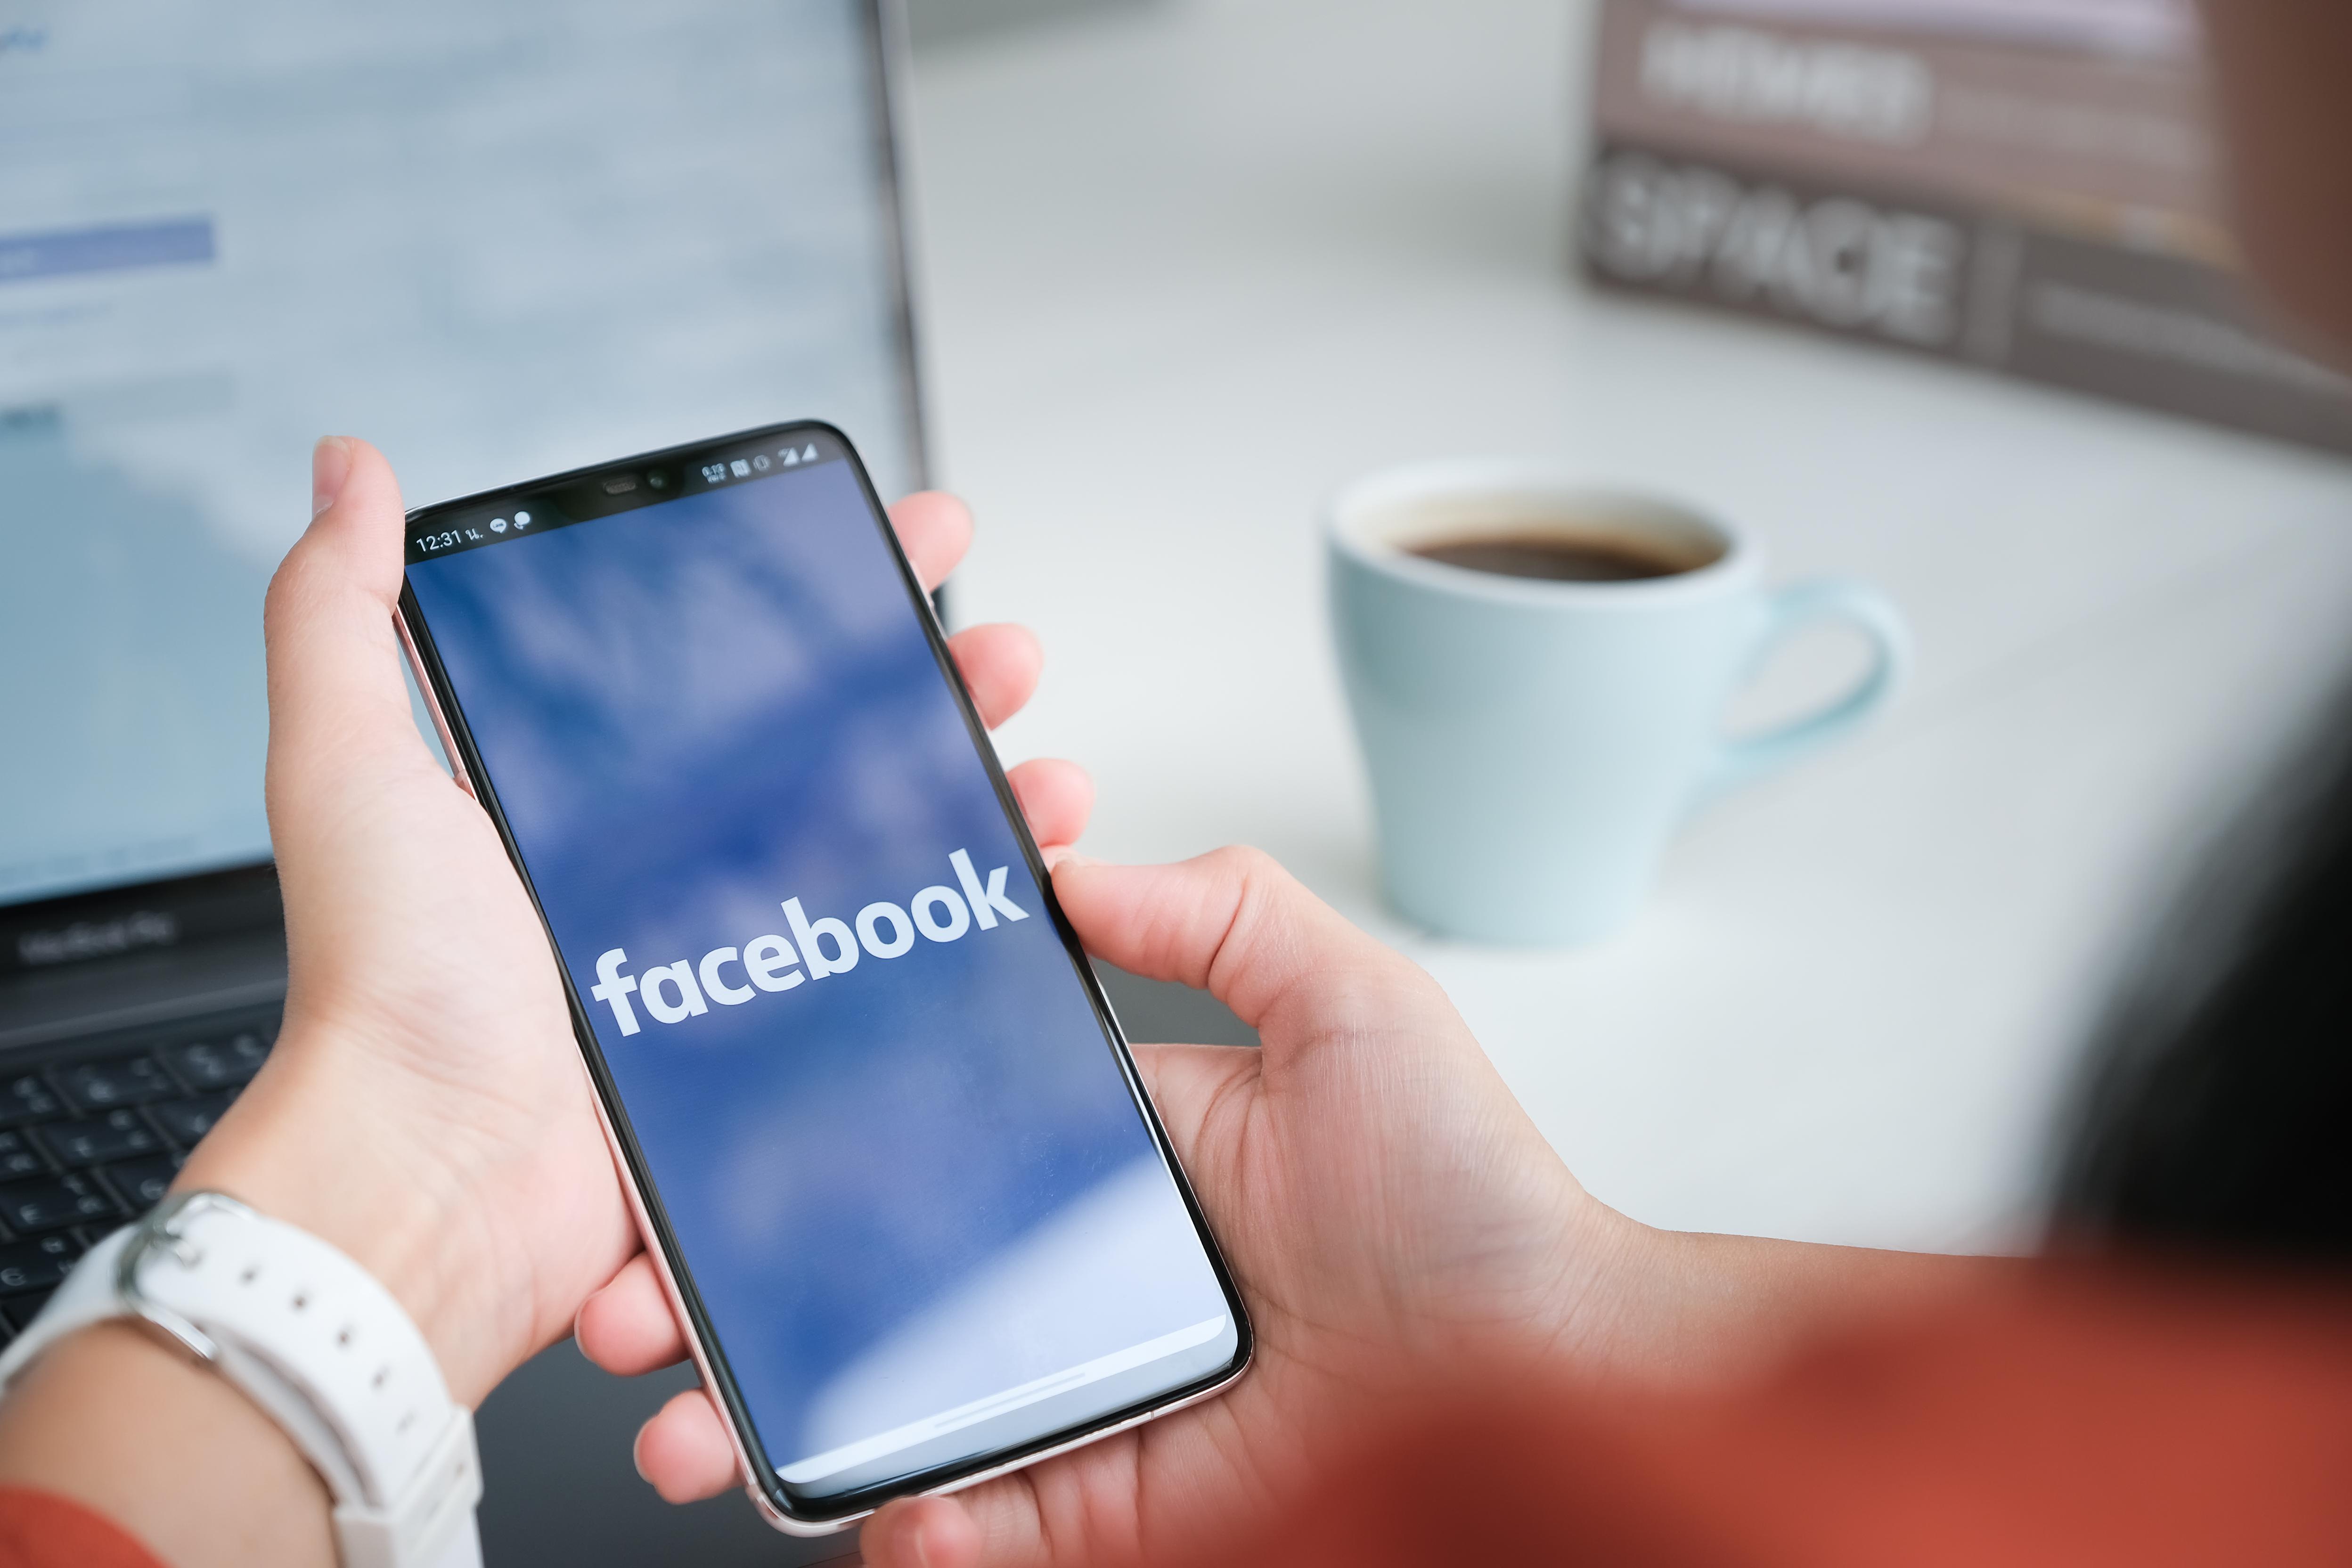 Facebook afişează un mesaj utilizatorilor de iPhone şi iPad prin care le cere acestora să permită colectarea datelor